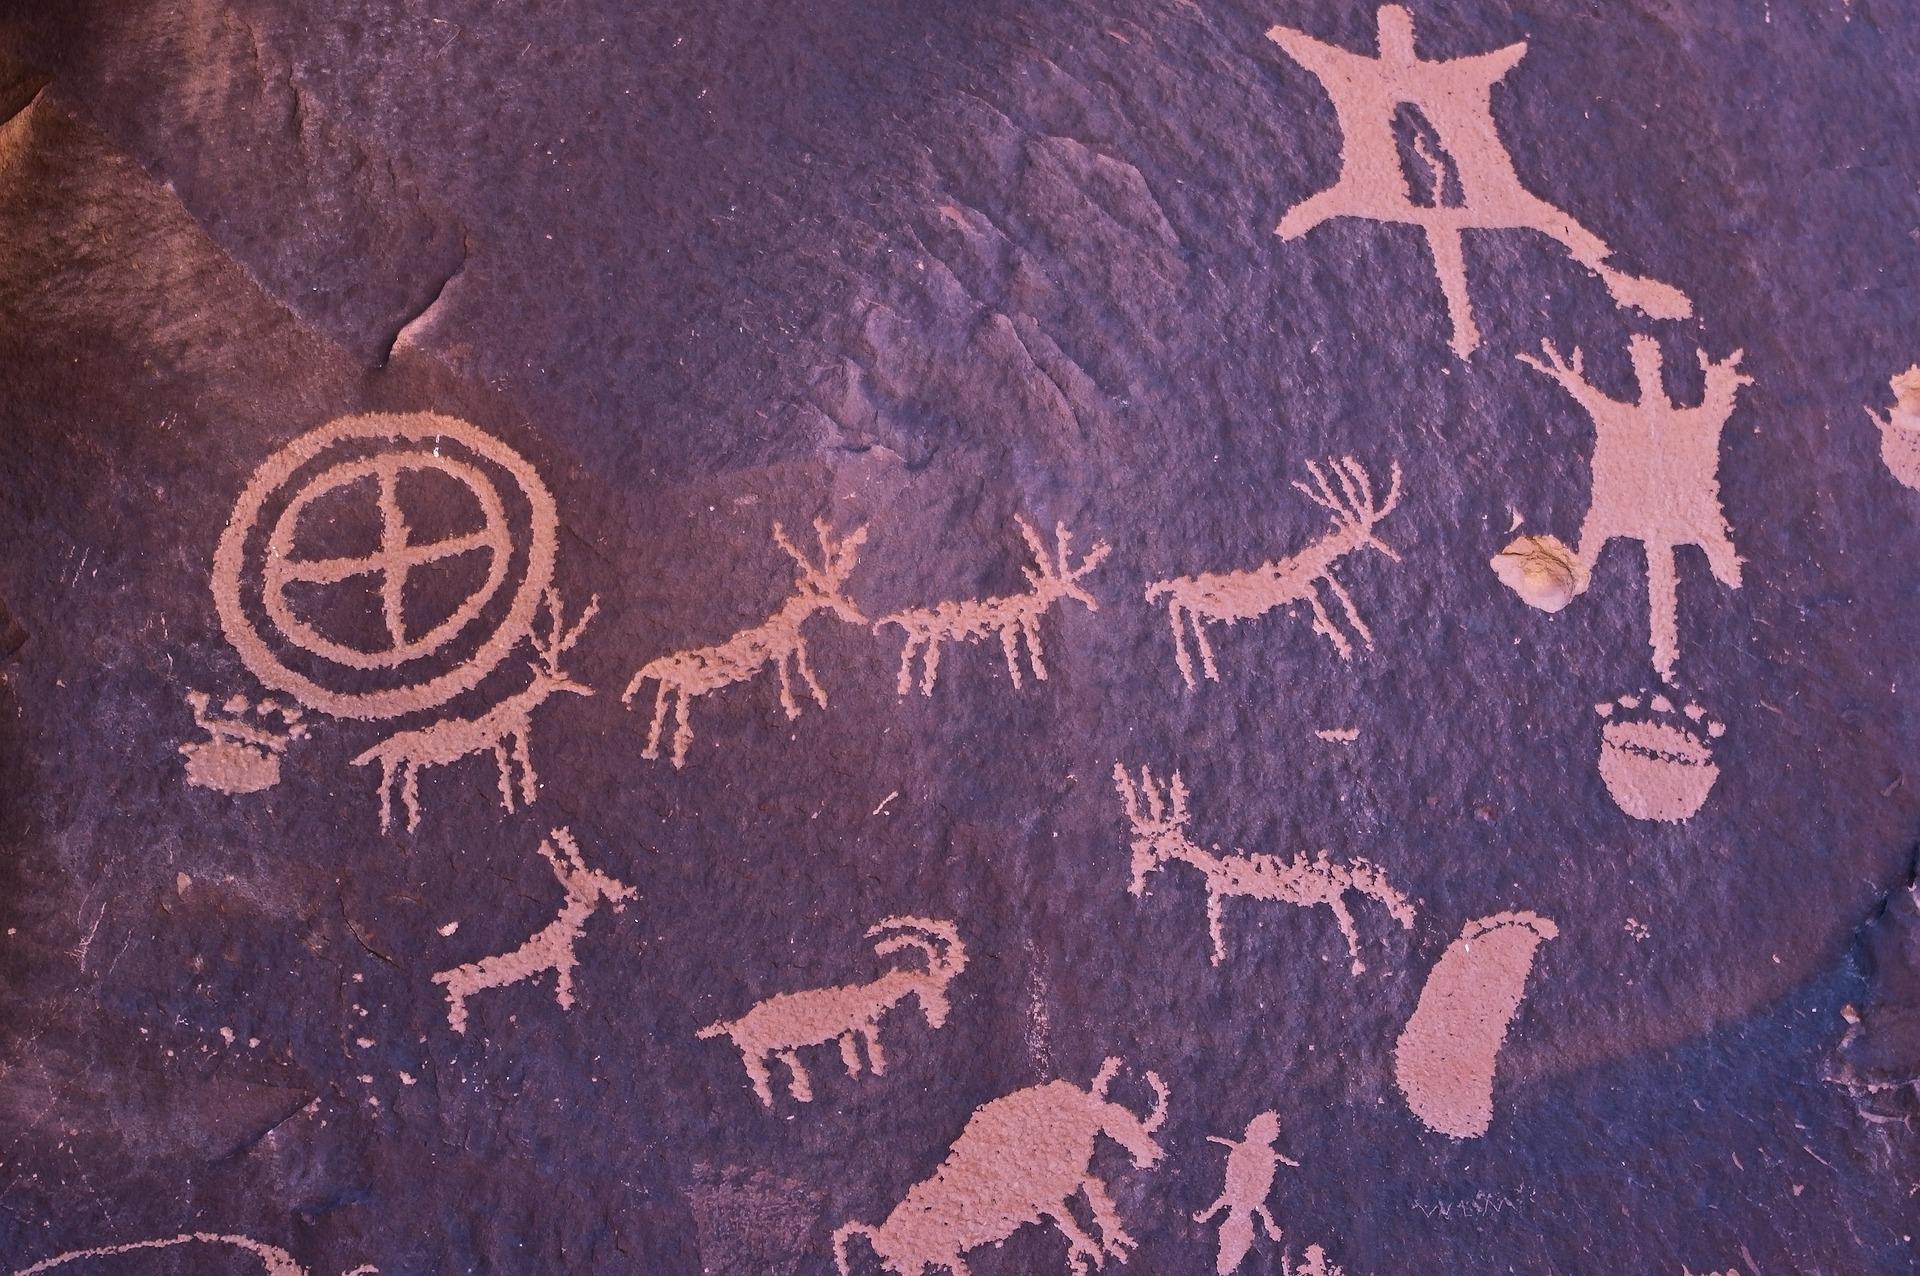 Aboriginal rock drawings